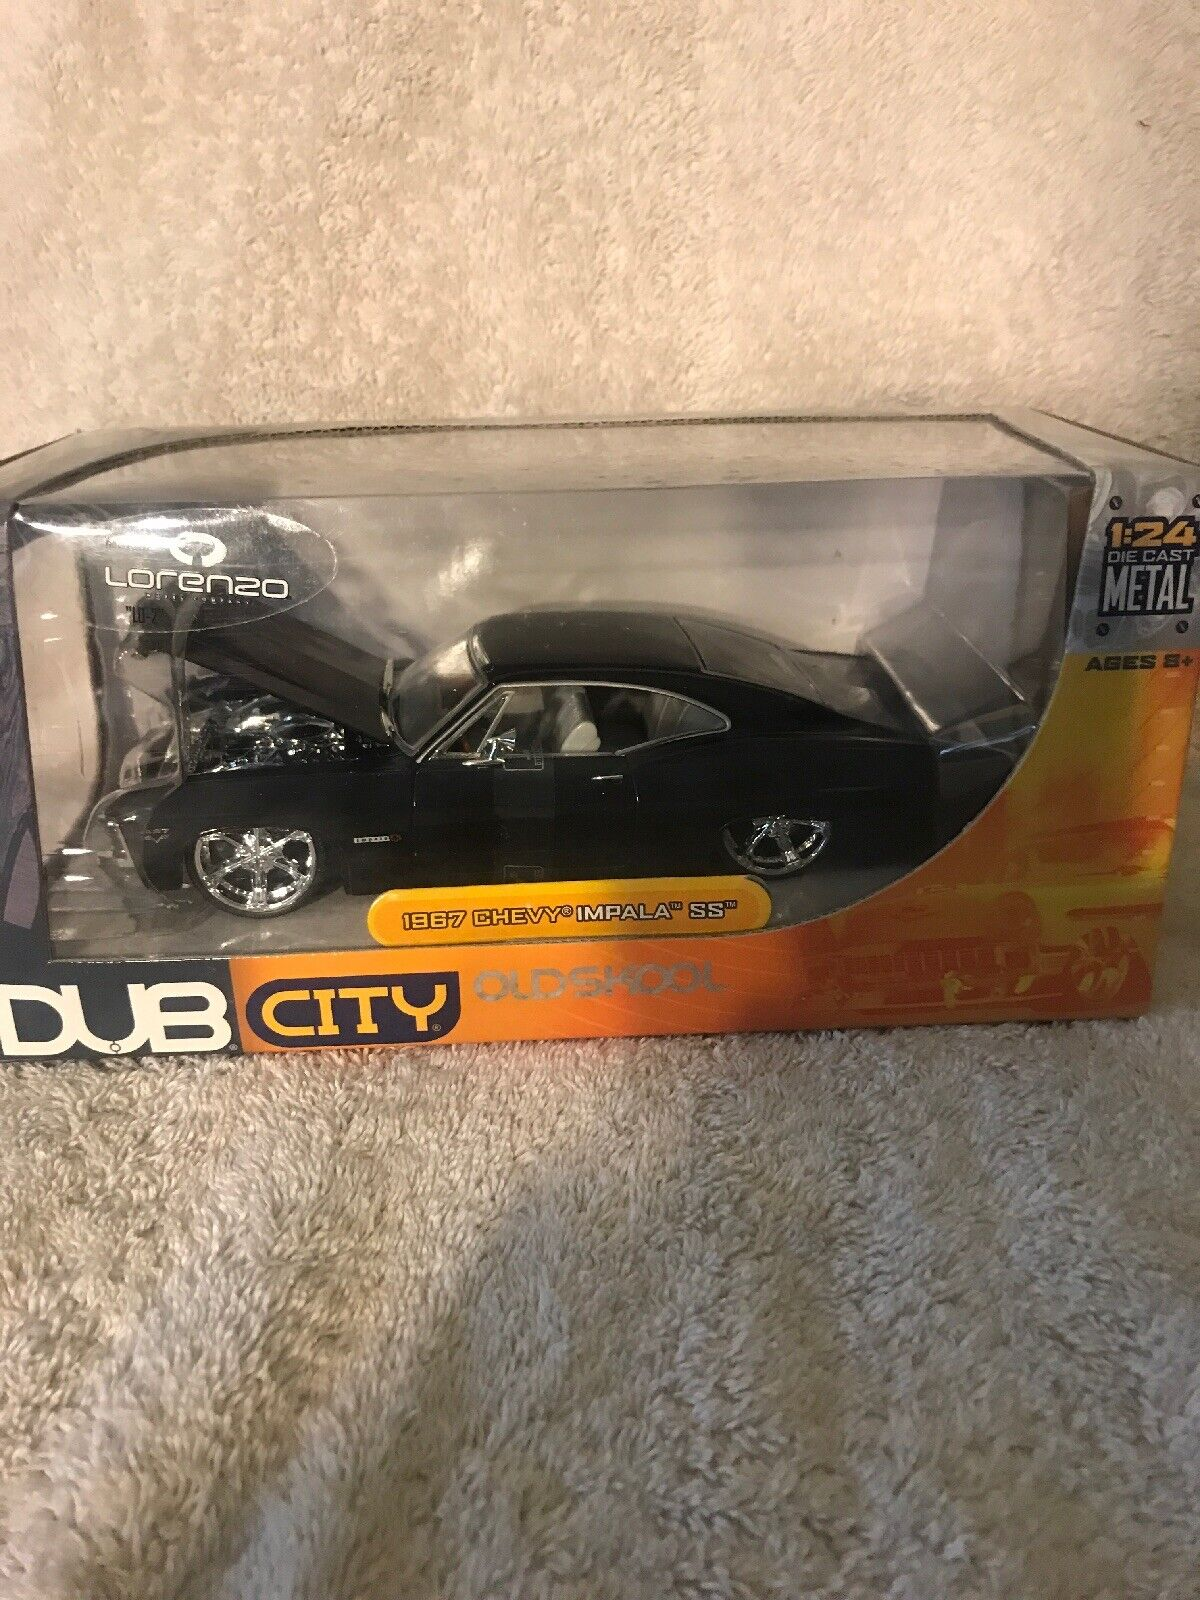 precio al por mayor 2004 Jada Juguetes Dub City Old Skool Skool Skool (Negro) 1967 Chevy Impala Ss 1 24 Nuevo en Caja.  Raro   Todos los productos obtienen hasta un 34% de descuento.